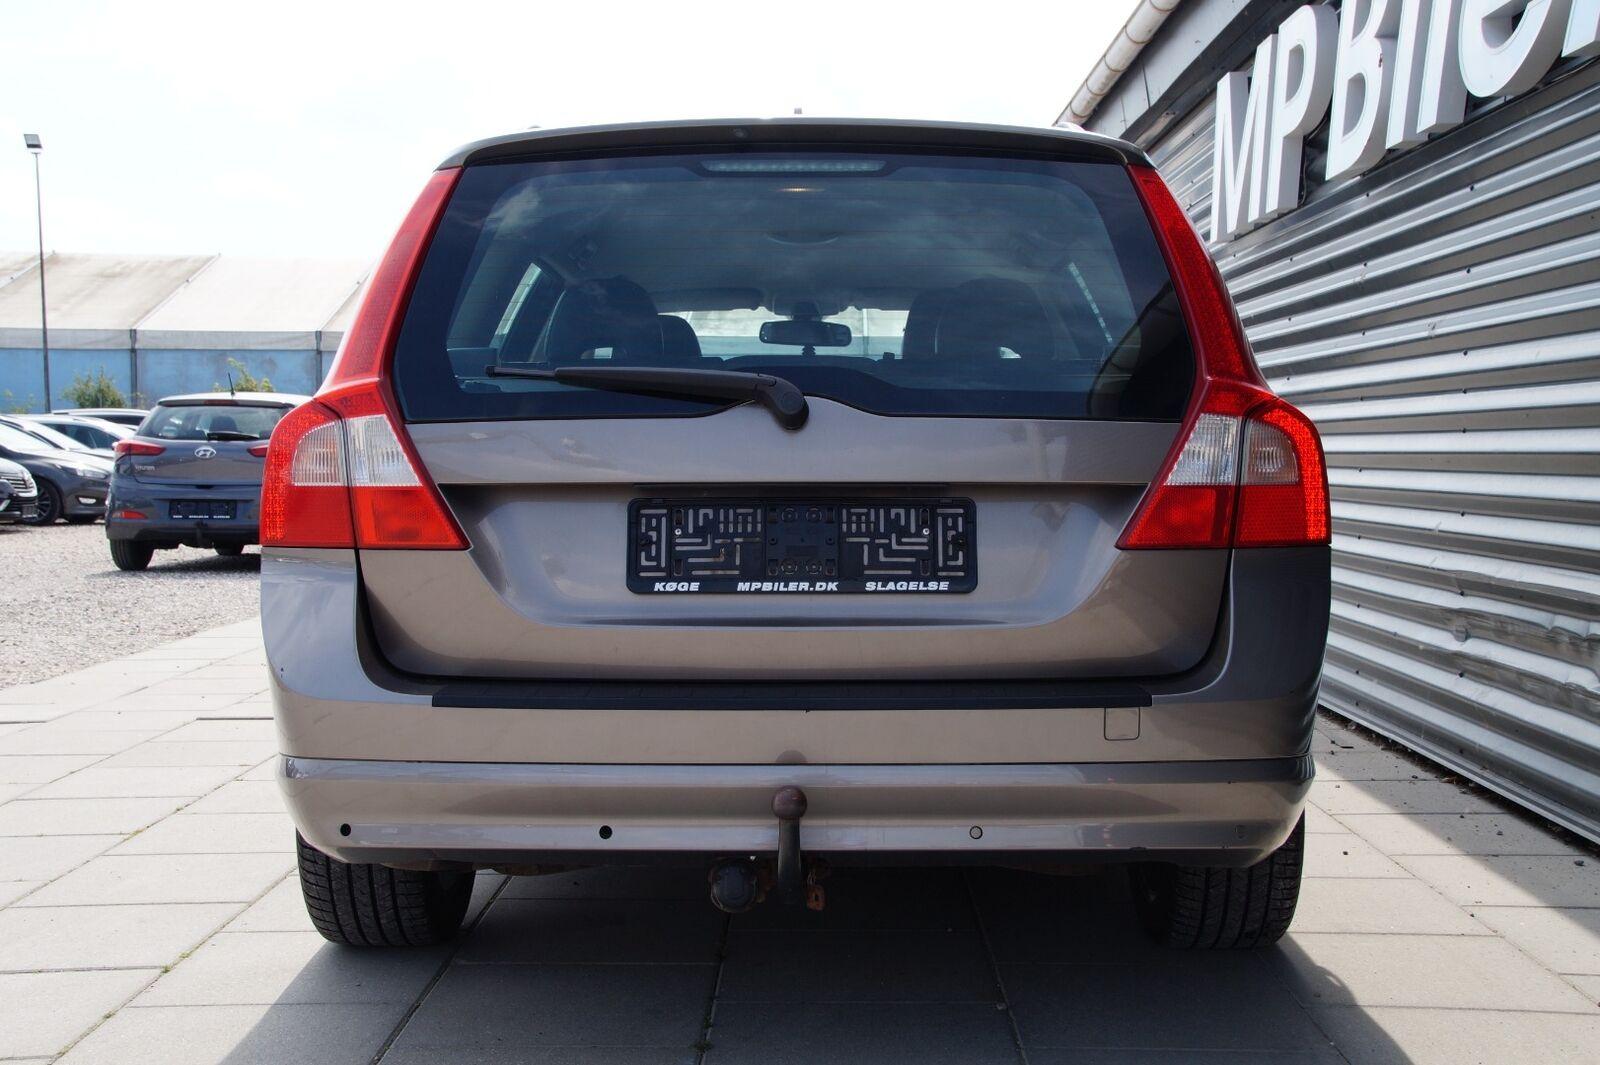 Volvo V70 2,4 D5 185 Momentum aut.